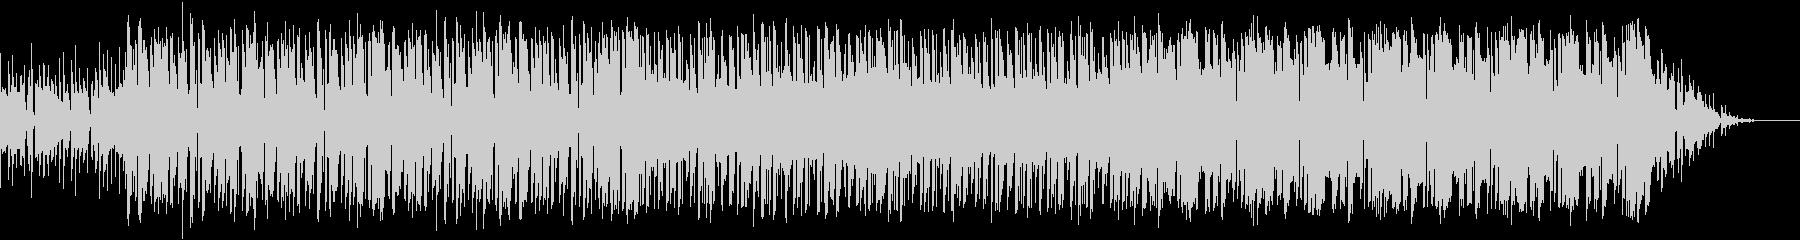 パズルやシューティング向きの曲の未再生の波形